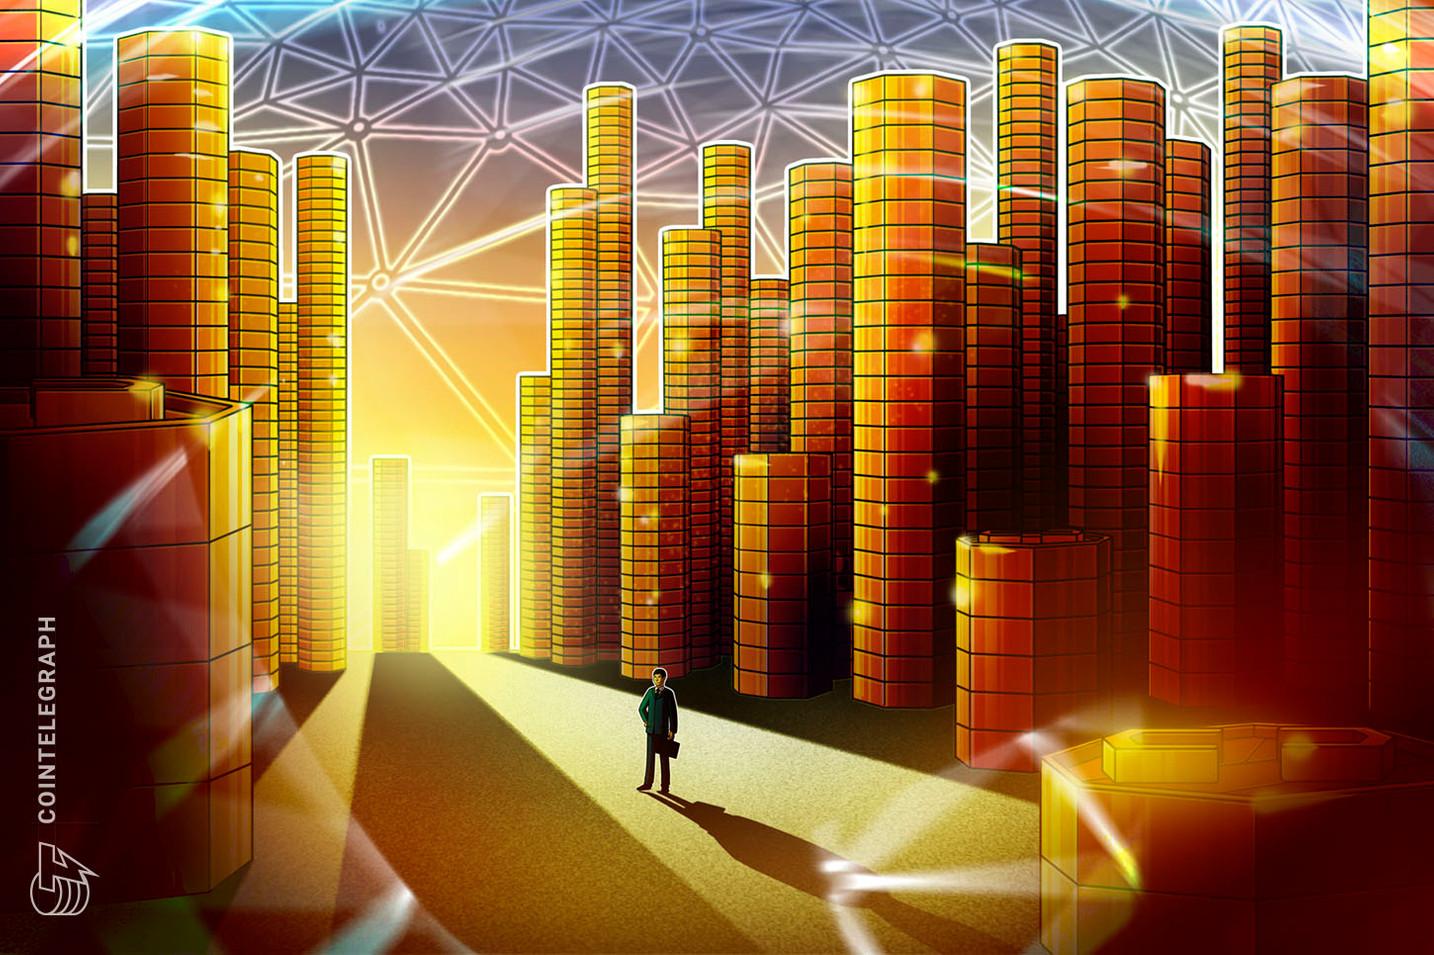 Andreessen Horowitz Kripto Odaklı Yeni Fonu İçin 515 Milyon Dolar Topladı